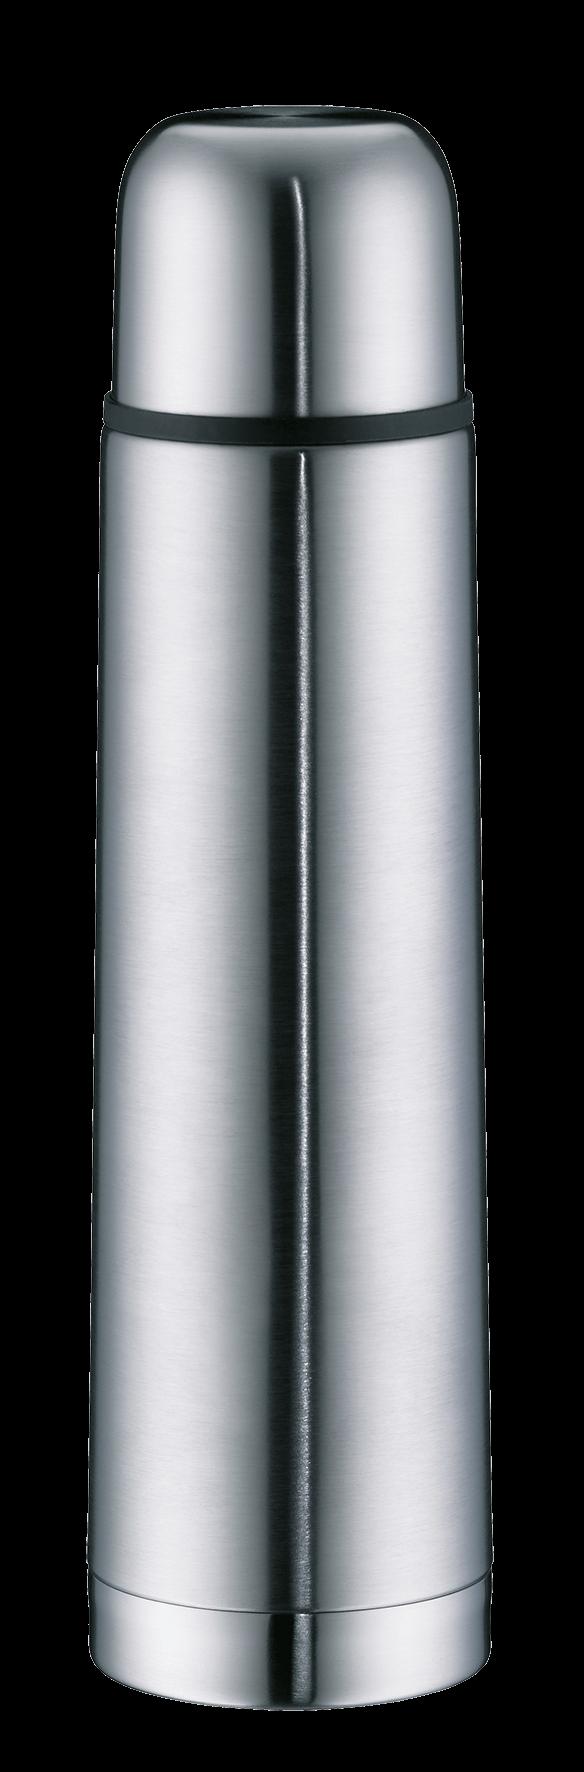 Alfi-Isotherm-Eco-0-75-L-Edelstahl-Mattiert